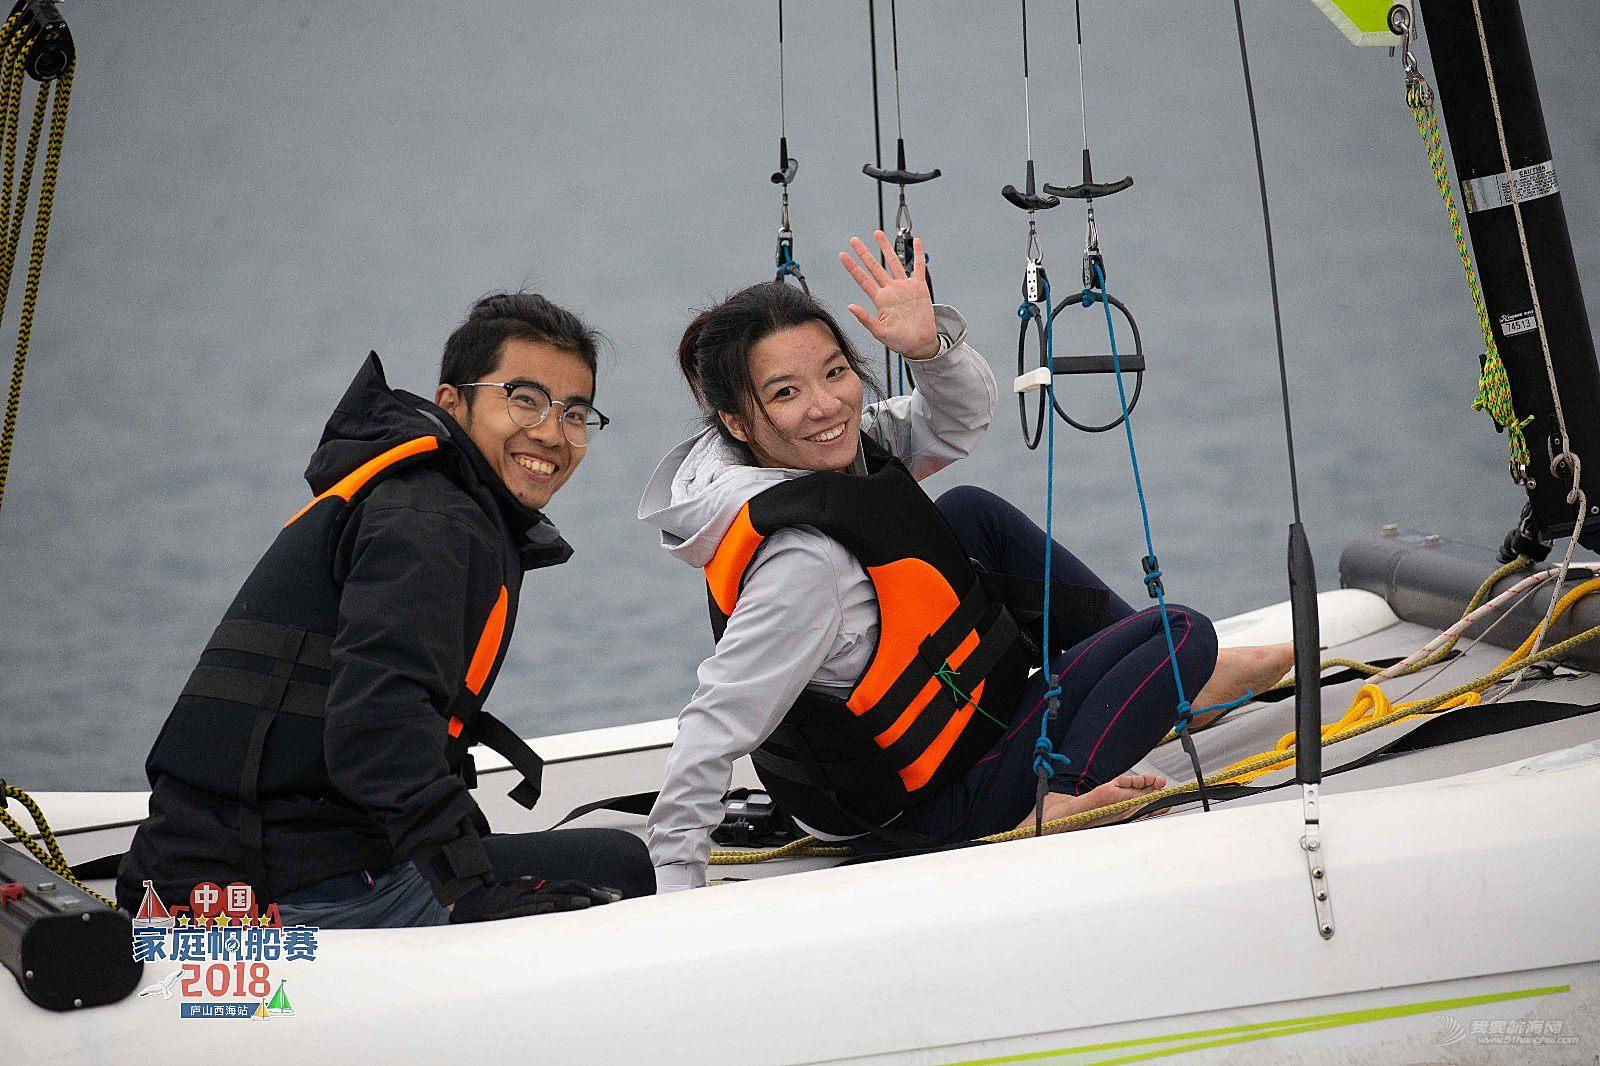 中国家庭帆船赛九江站-采访视频